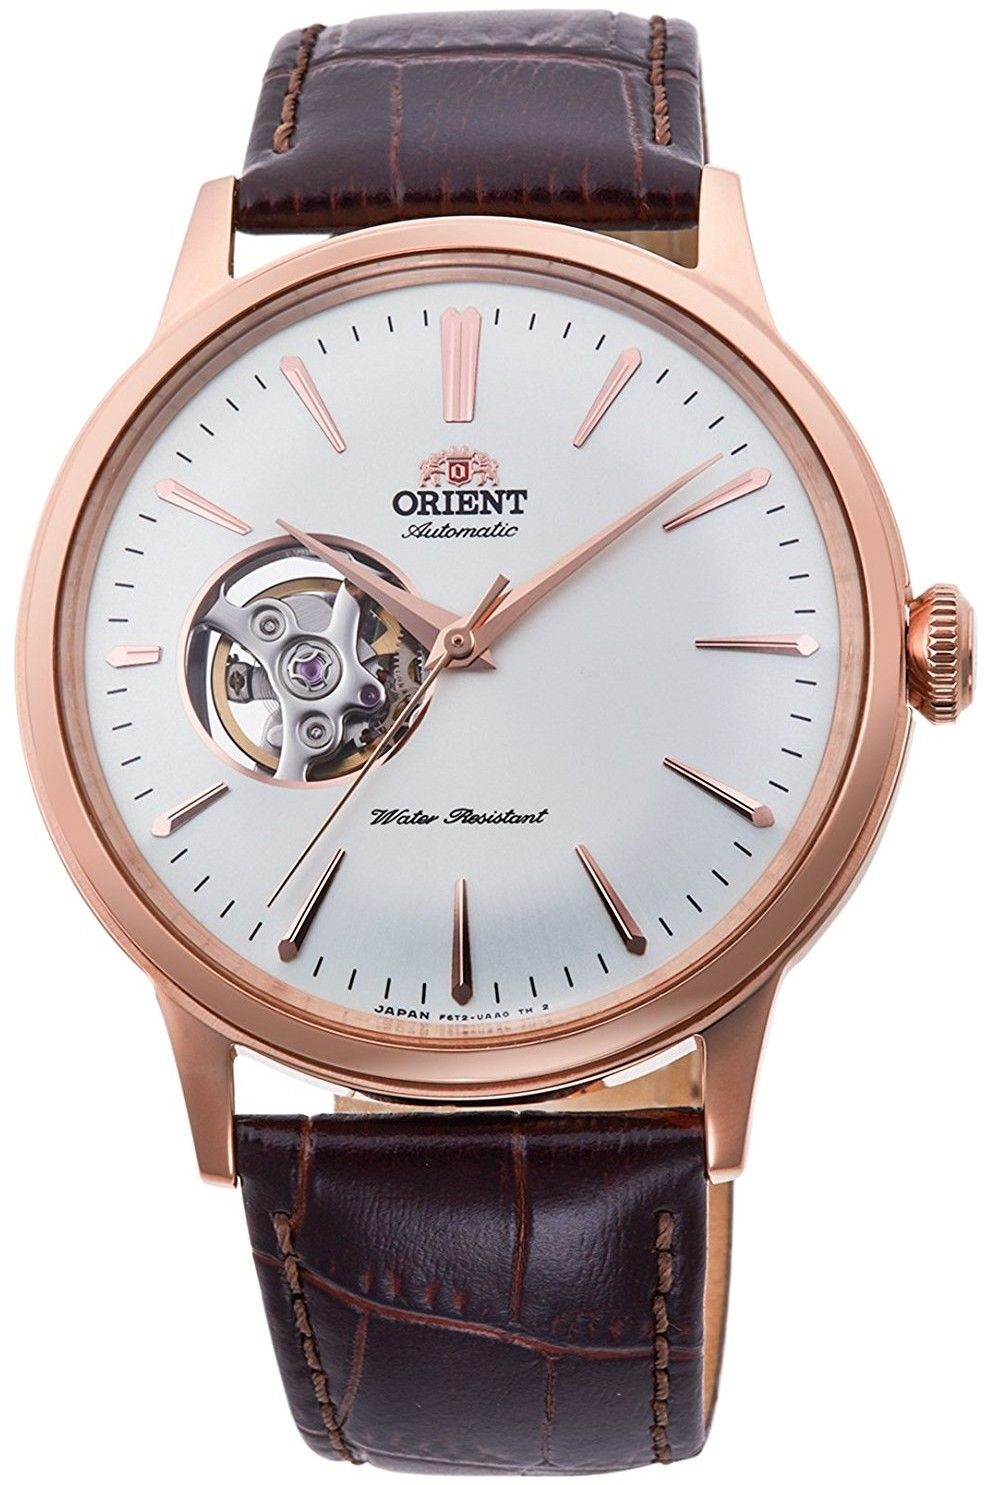 Zegarek Orient RA-AG0001S10B - CENA DO NEGOCJACJI - DOSTAWA DHL GRATIS, KUPUJ BEZ RYZYKA - 100 dni na zwrot, możliwość wygrawerowania dowolnego tekstu.